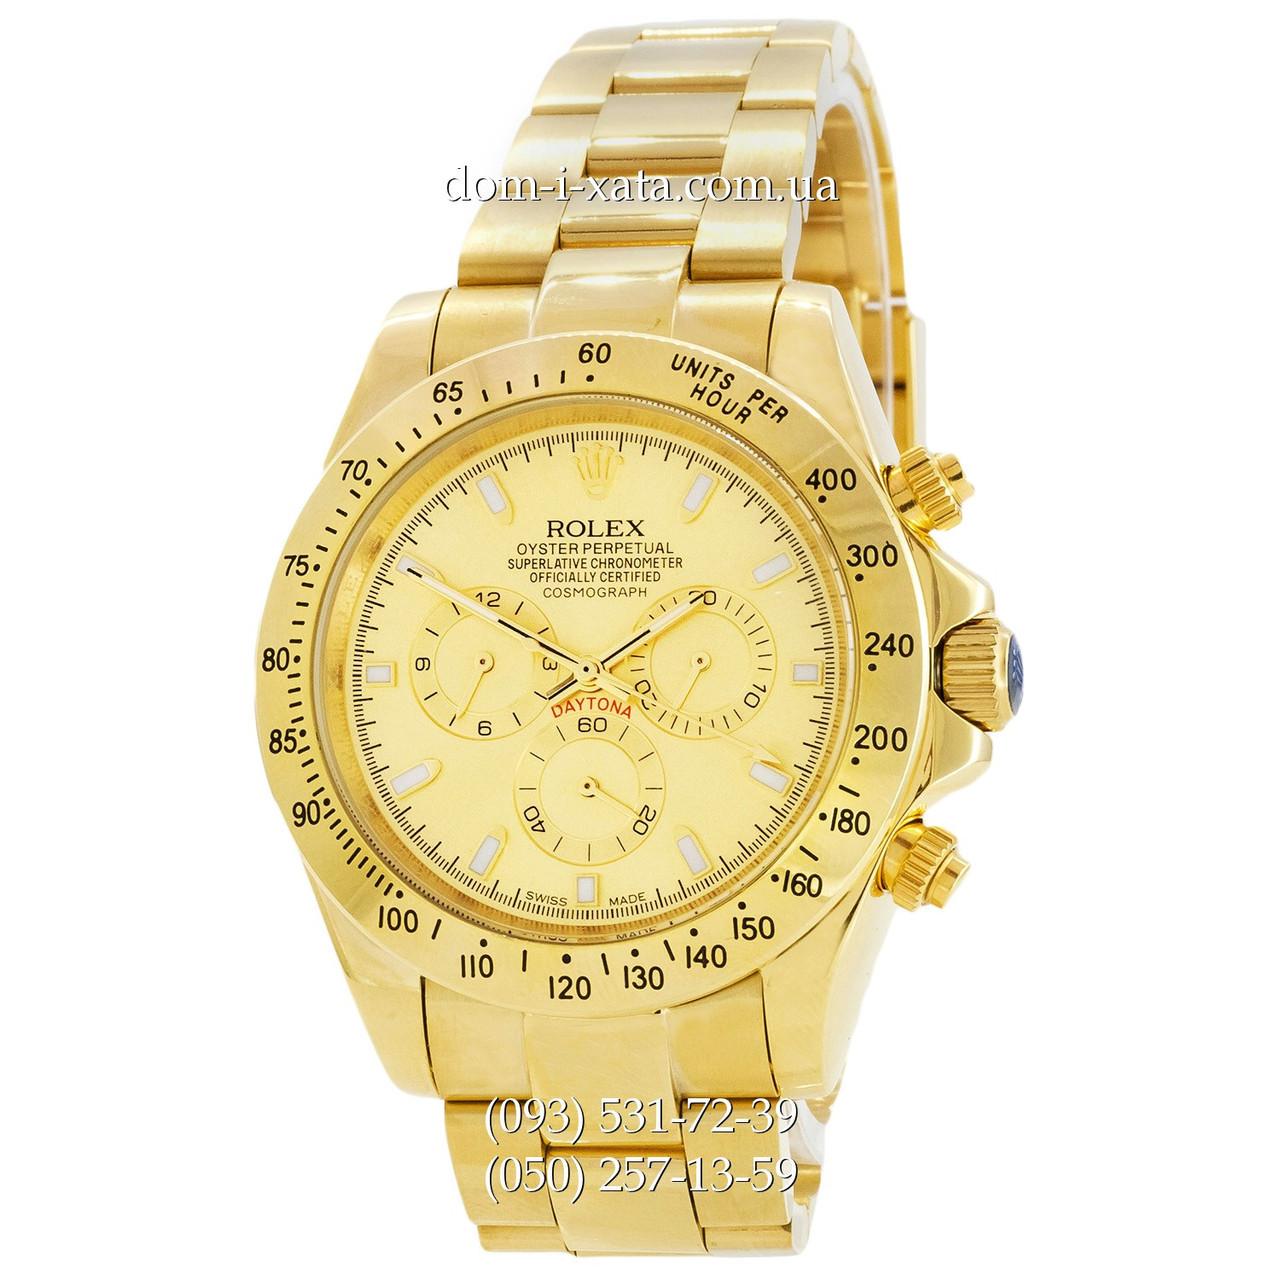 Мужские часы Rolex Daytona AAA Mechanic Gold, механические часы Ролекс Дайтона качество, реплика отличное качество